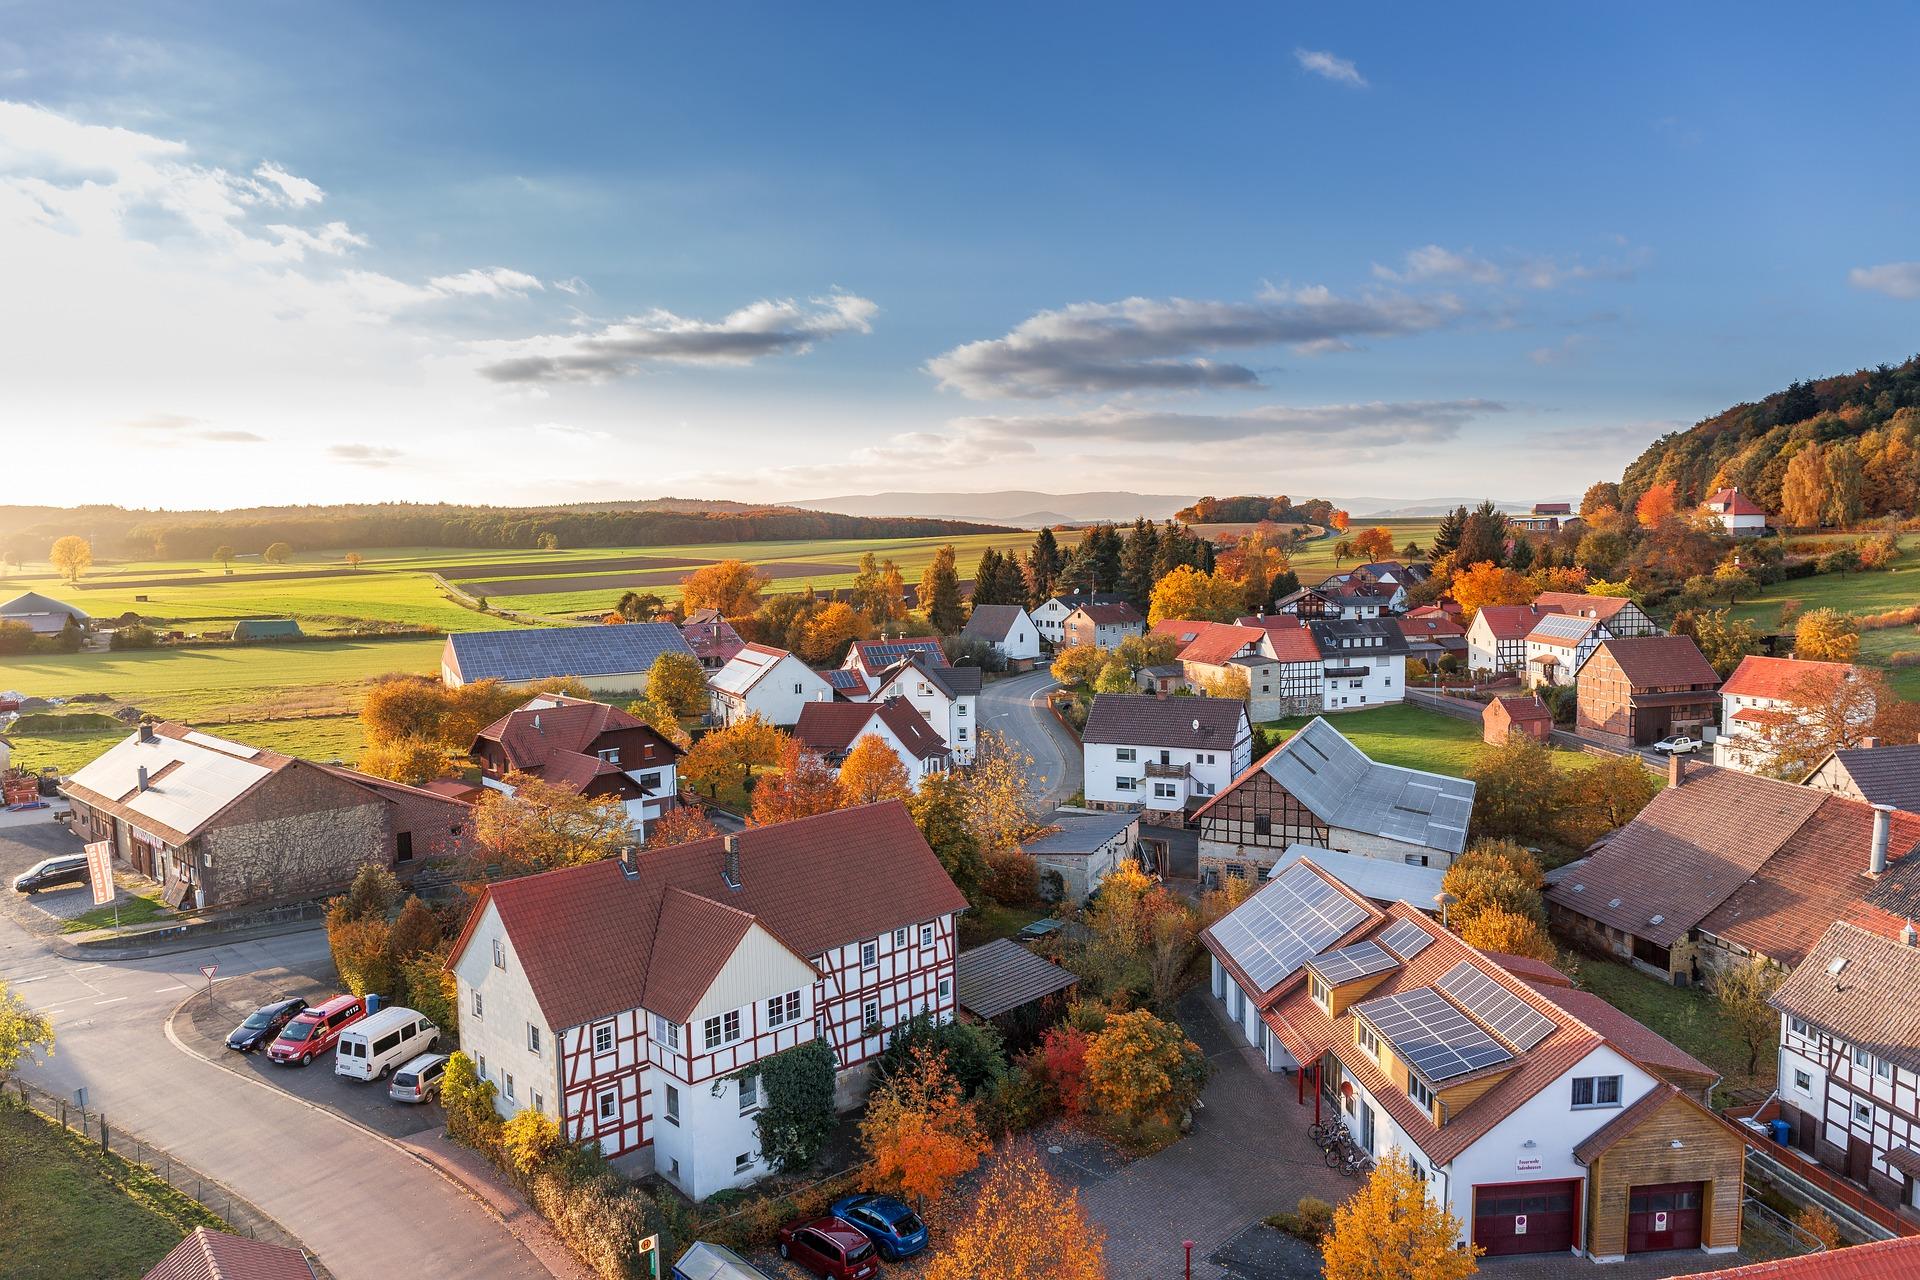 Dorf inmitten von Natur